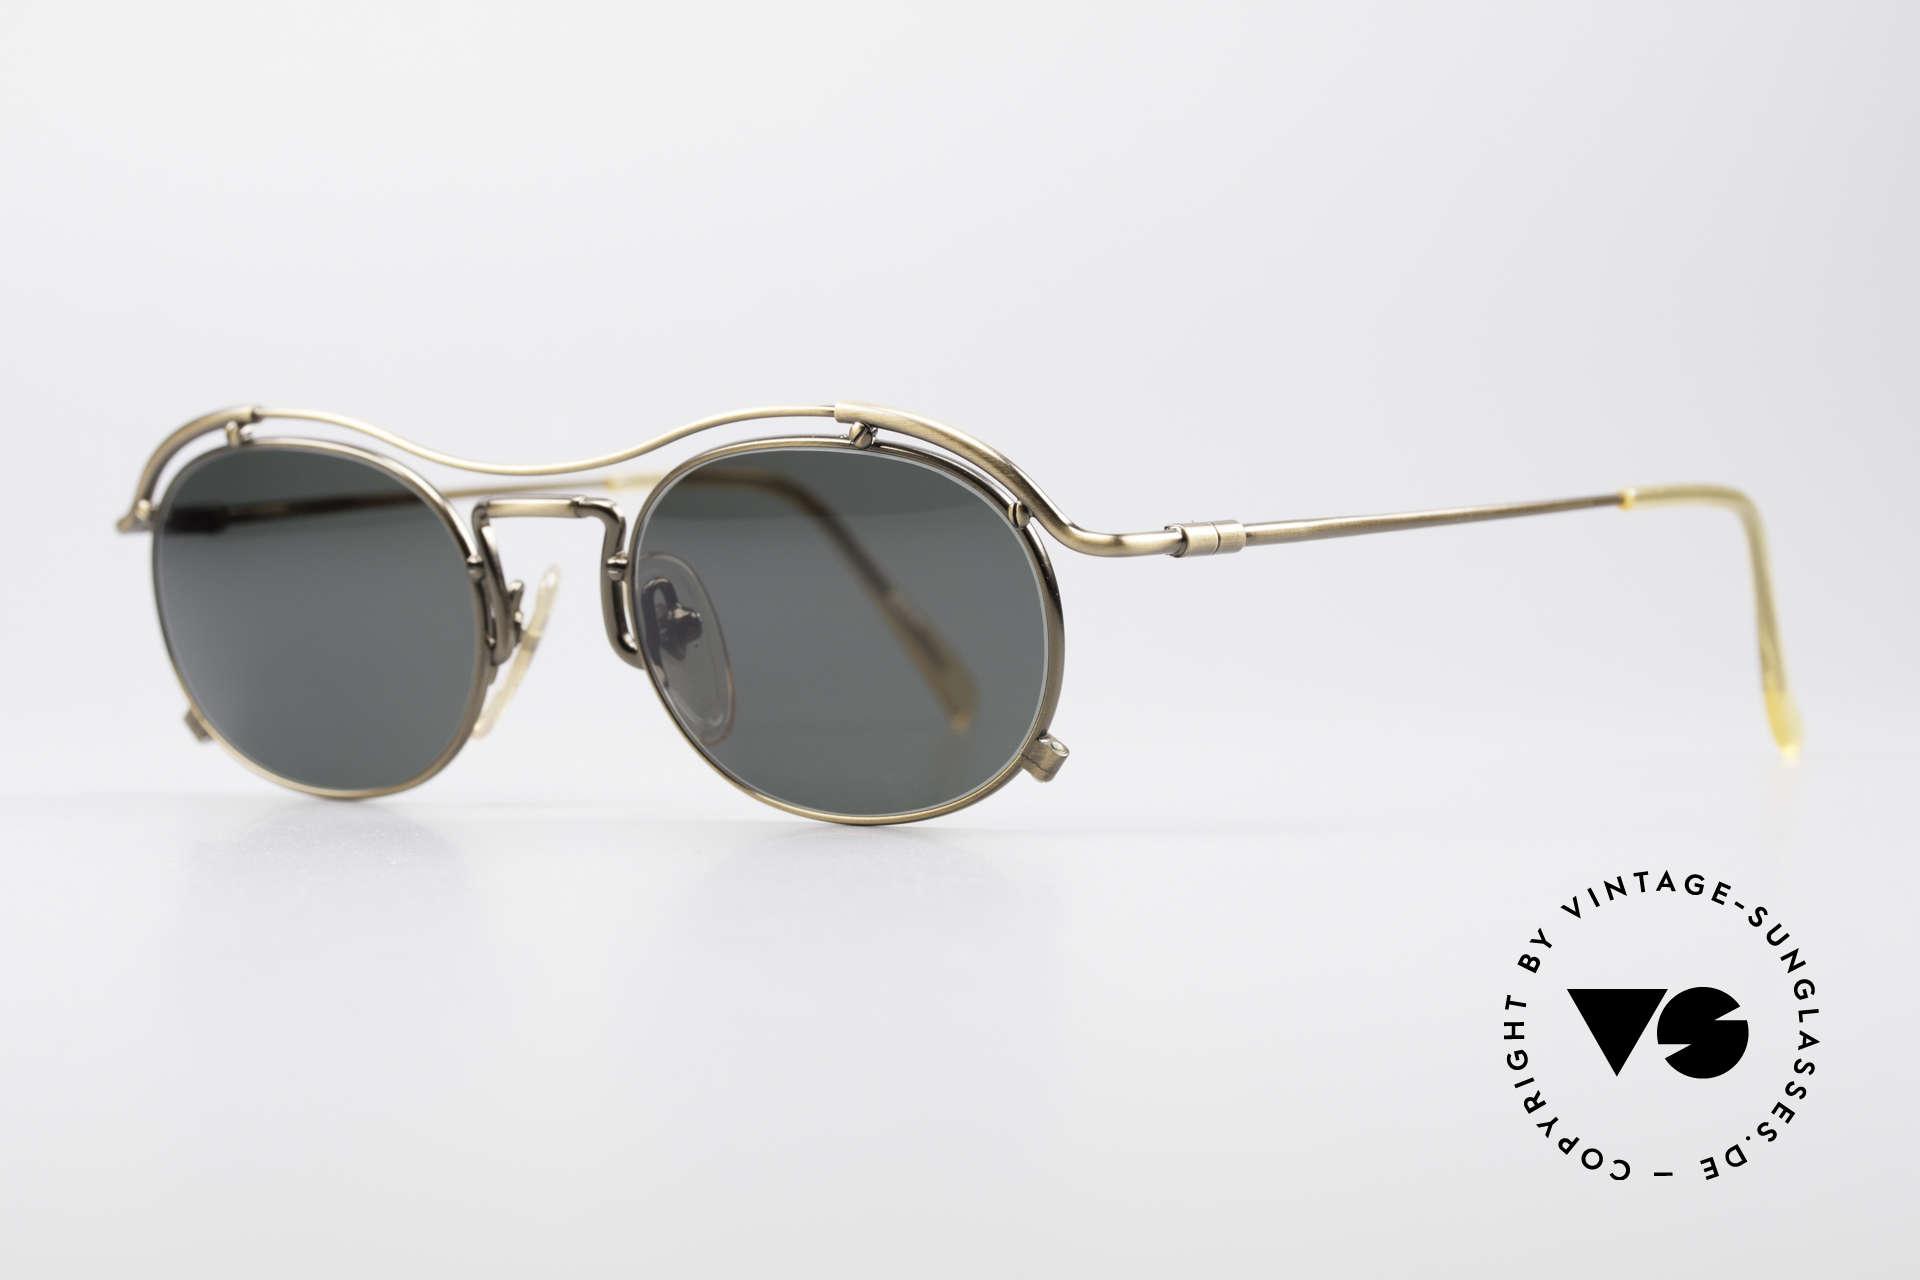 Jean Paul Gaultier 55-2170 No Retro 90er Sonnenbrille, edler Bronze-Schimmer & dunkelgrüne Sonnengläser, Passend für Herren und Damen